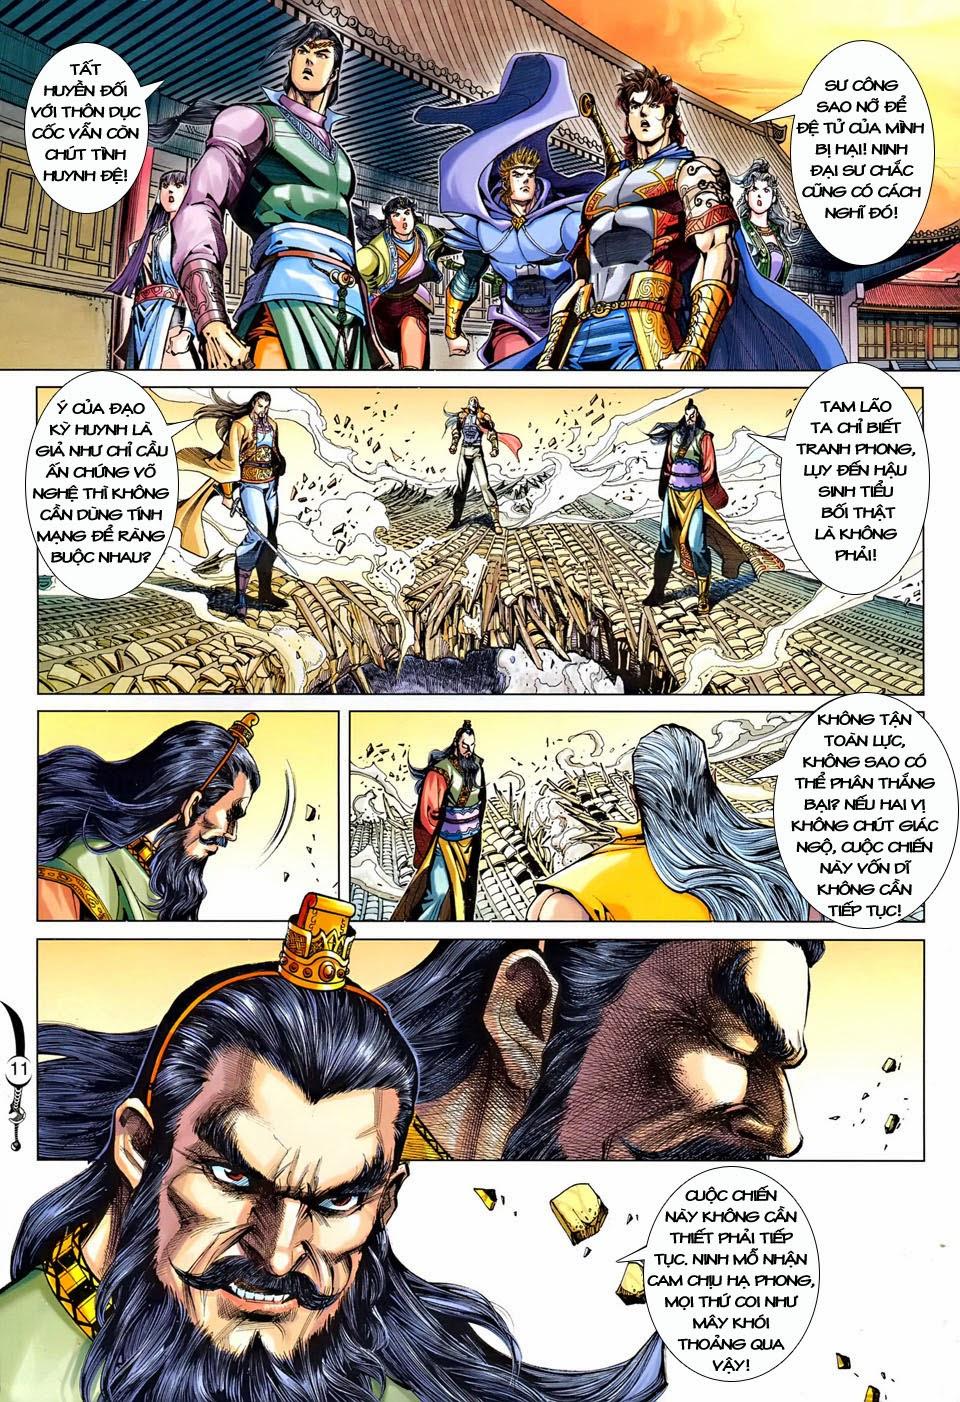 Đại Đường Song Long Truyện chap 250 - Trang 11